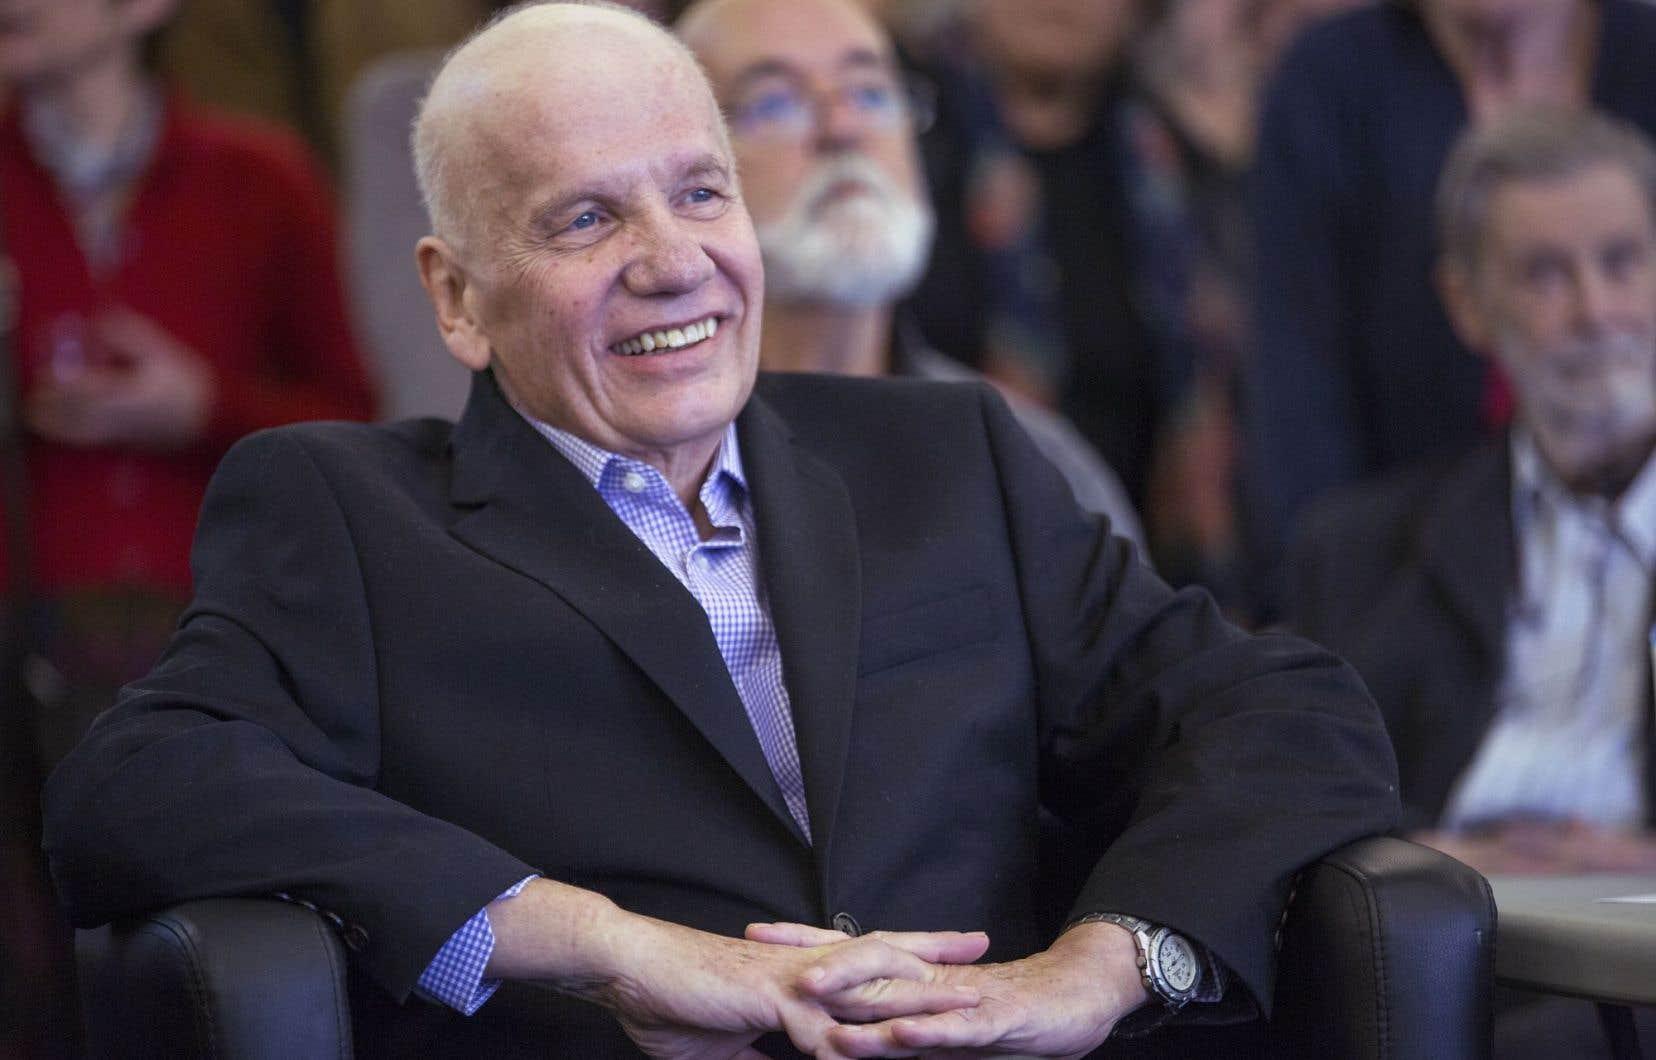 Jean Doré en 2014, lors d'une cérémonie lui rendant hommage.